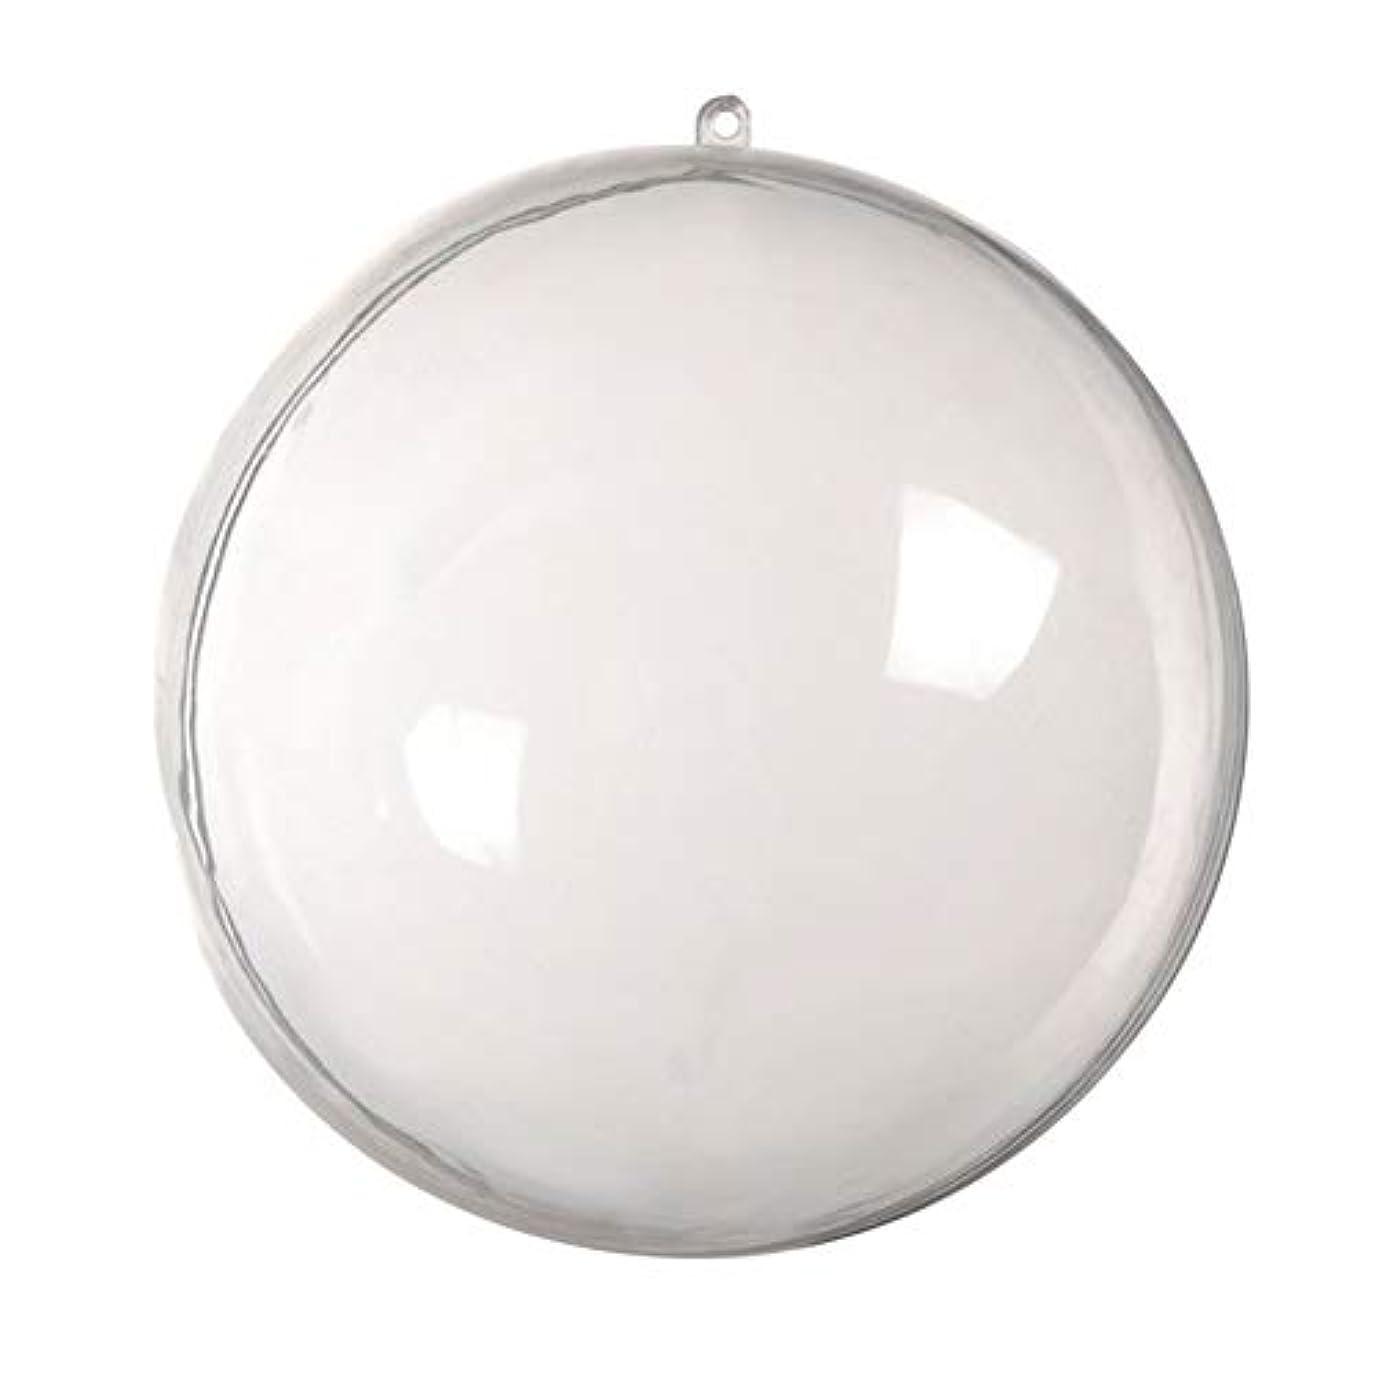 パーティション適合ますますアリガドクリアプラスチッククリスマスボール、クリア透明ボール、球充填クリスマスツリー飾りDIYクラフトつまらない飾り(5個)